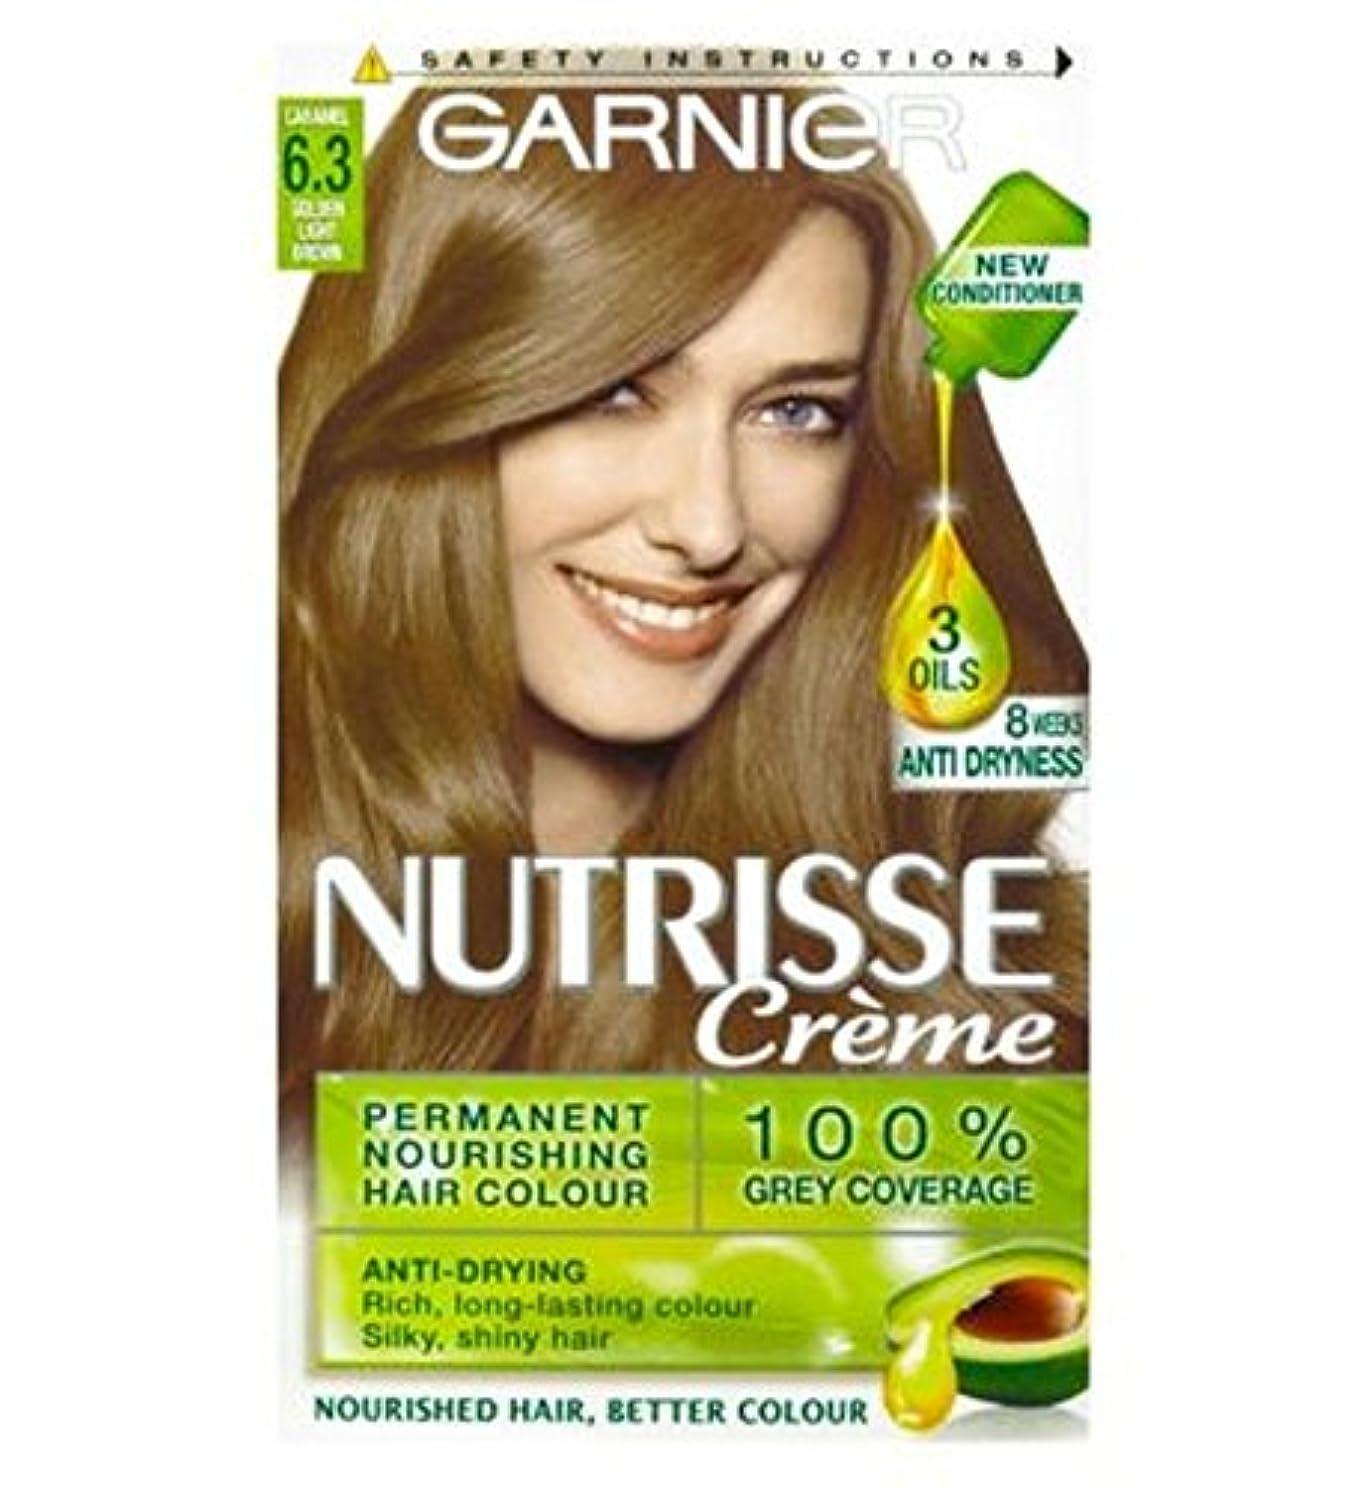 交換ピカソ有毒なガルニエNutrisseクリームパーマネントヘアカラー6.3キャラメルライトブラウン (Garnier) (x2) - Garnier Nutrisse Cr?me Permanent Hair Colour 6.3 Caramel Light Brown (Pack of 2) [並行輸入品]